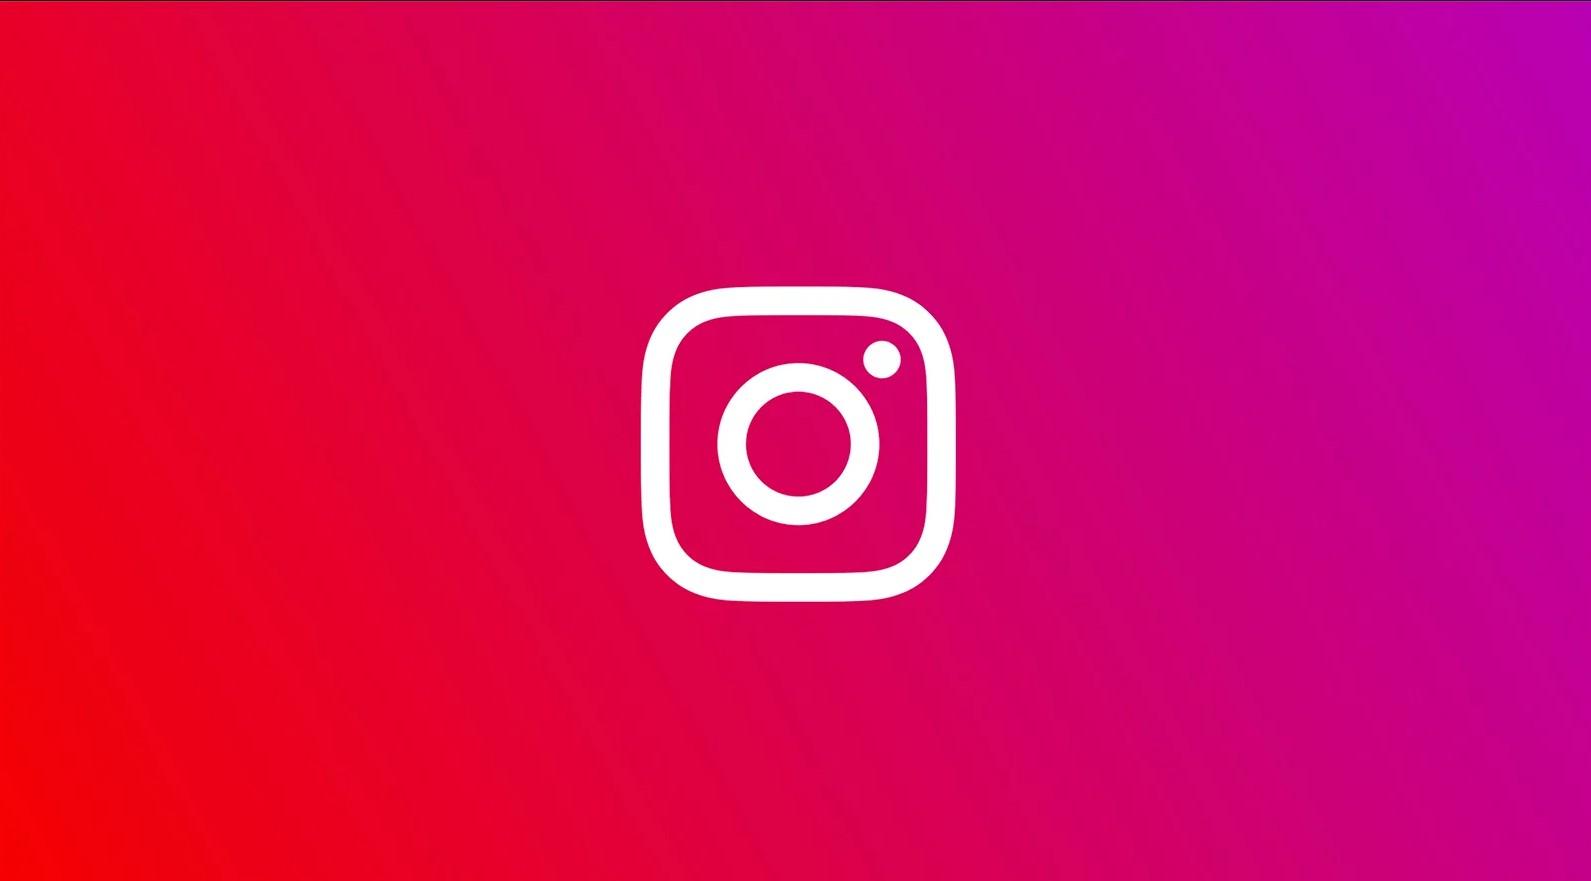 تصویر از آموزش دانلود عکس یا ویدیو از اینستاگرام بدون نرم افزار جانبی + آموزش ویدویی